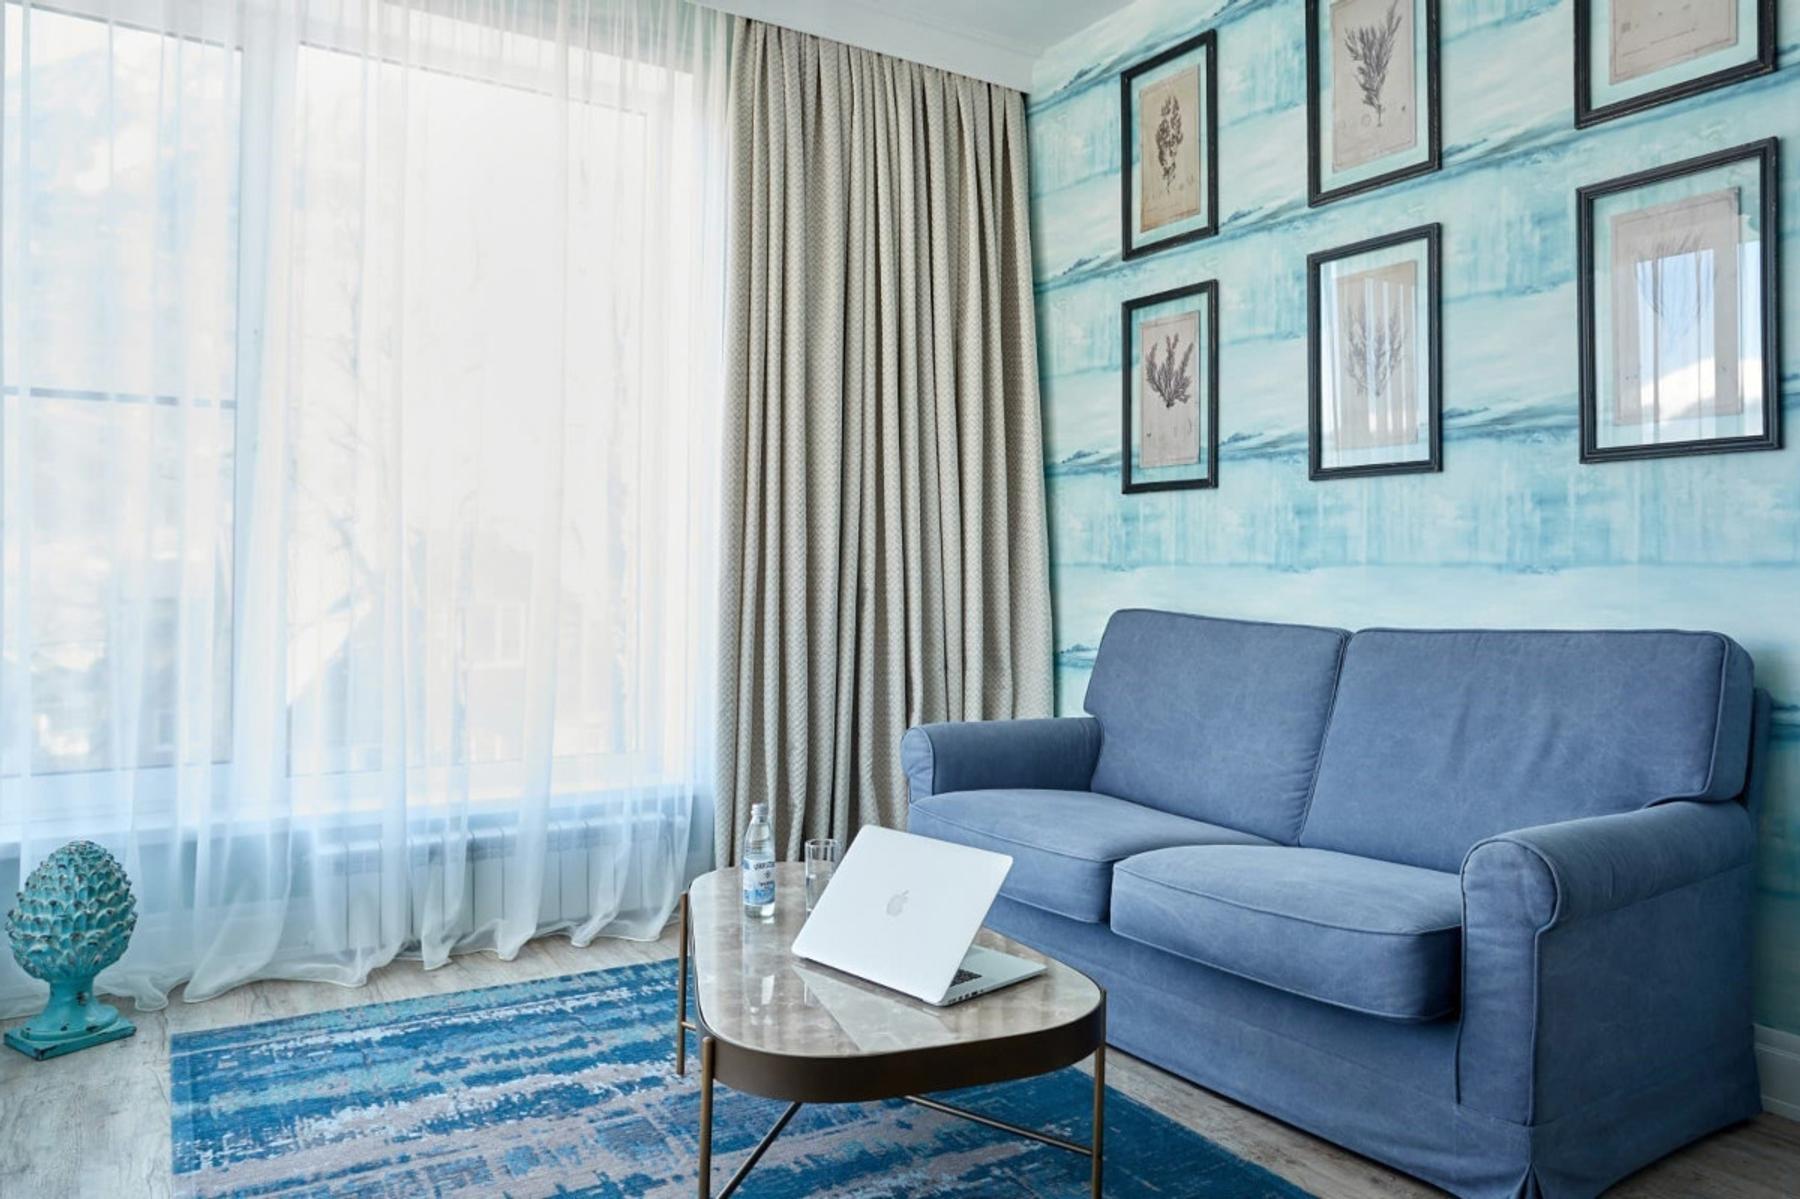 В отеле Hills Polyana Hotel продумано все до мельчайших деталей